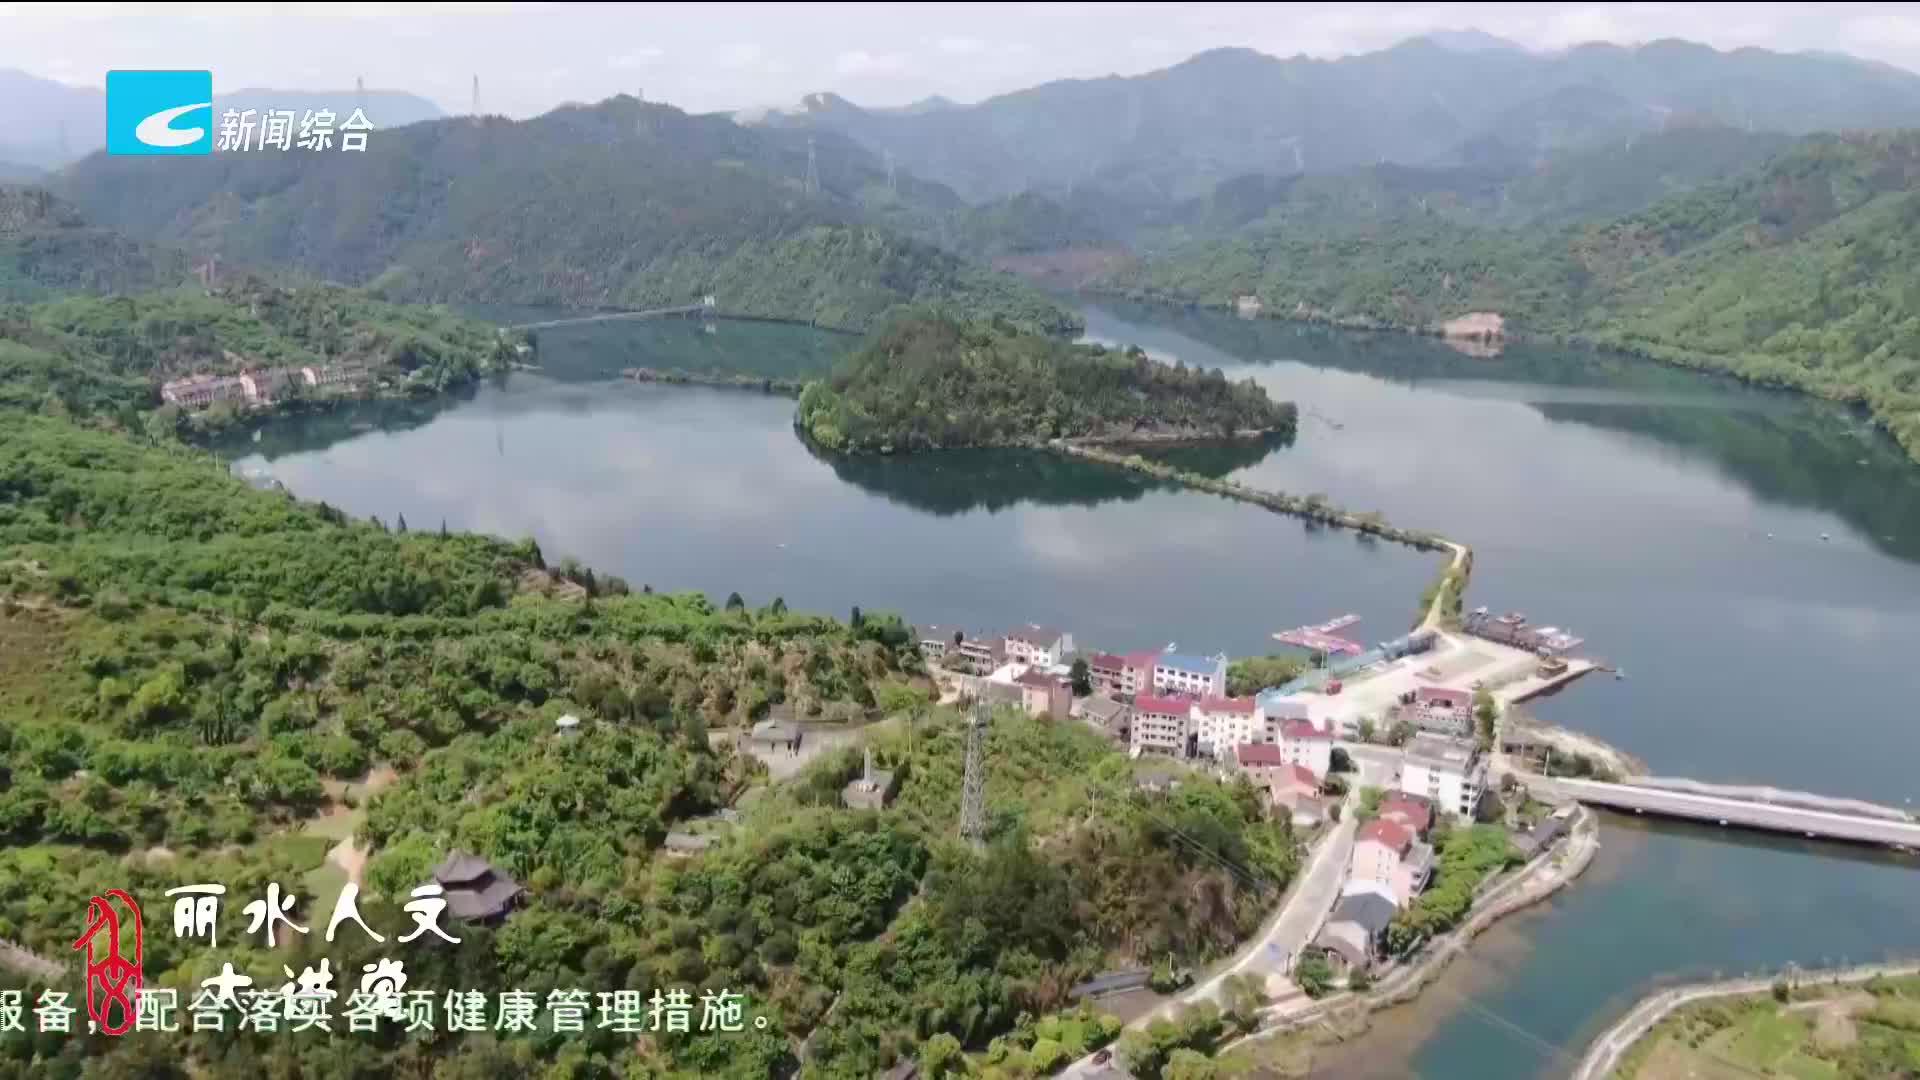 【丽水人文大讲堂】云和小顺村:周恩来演讲过的地方